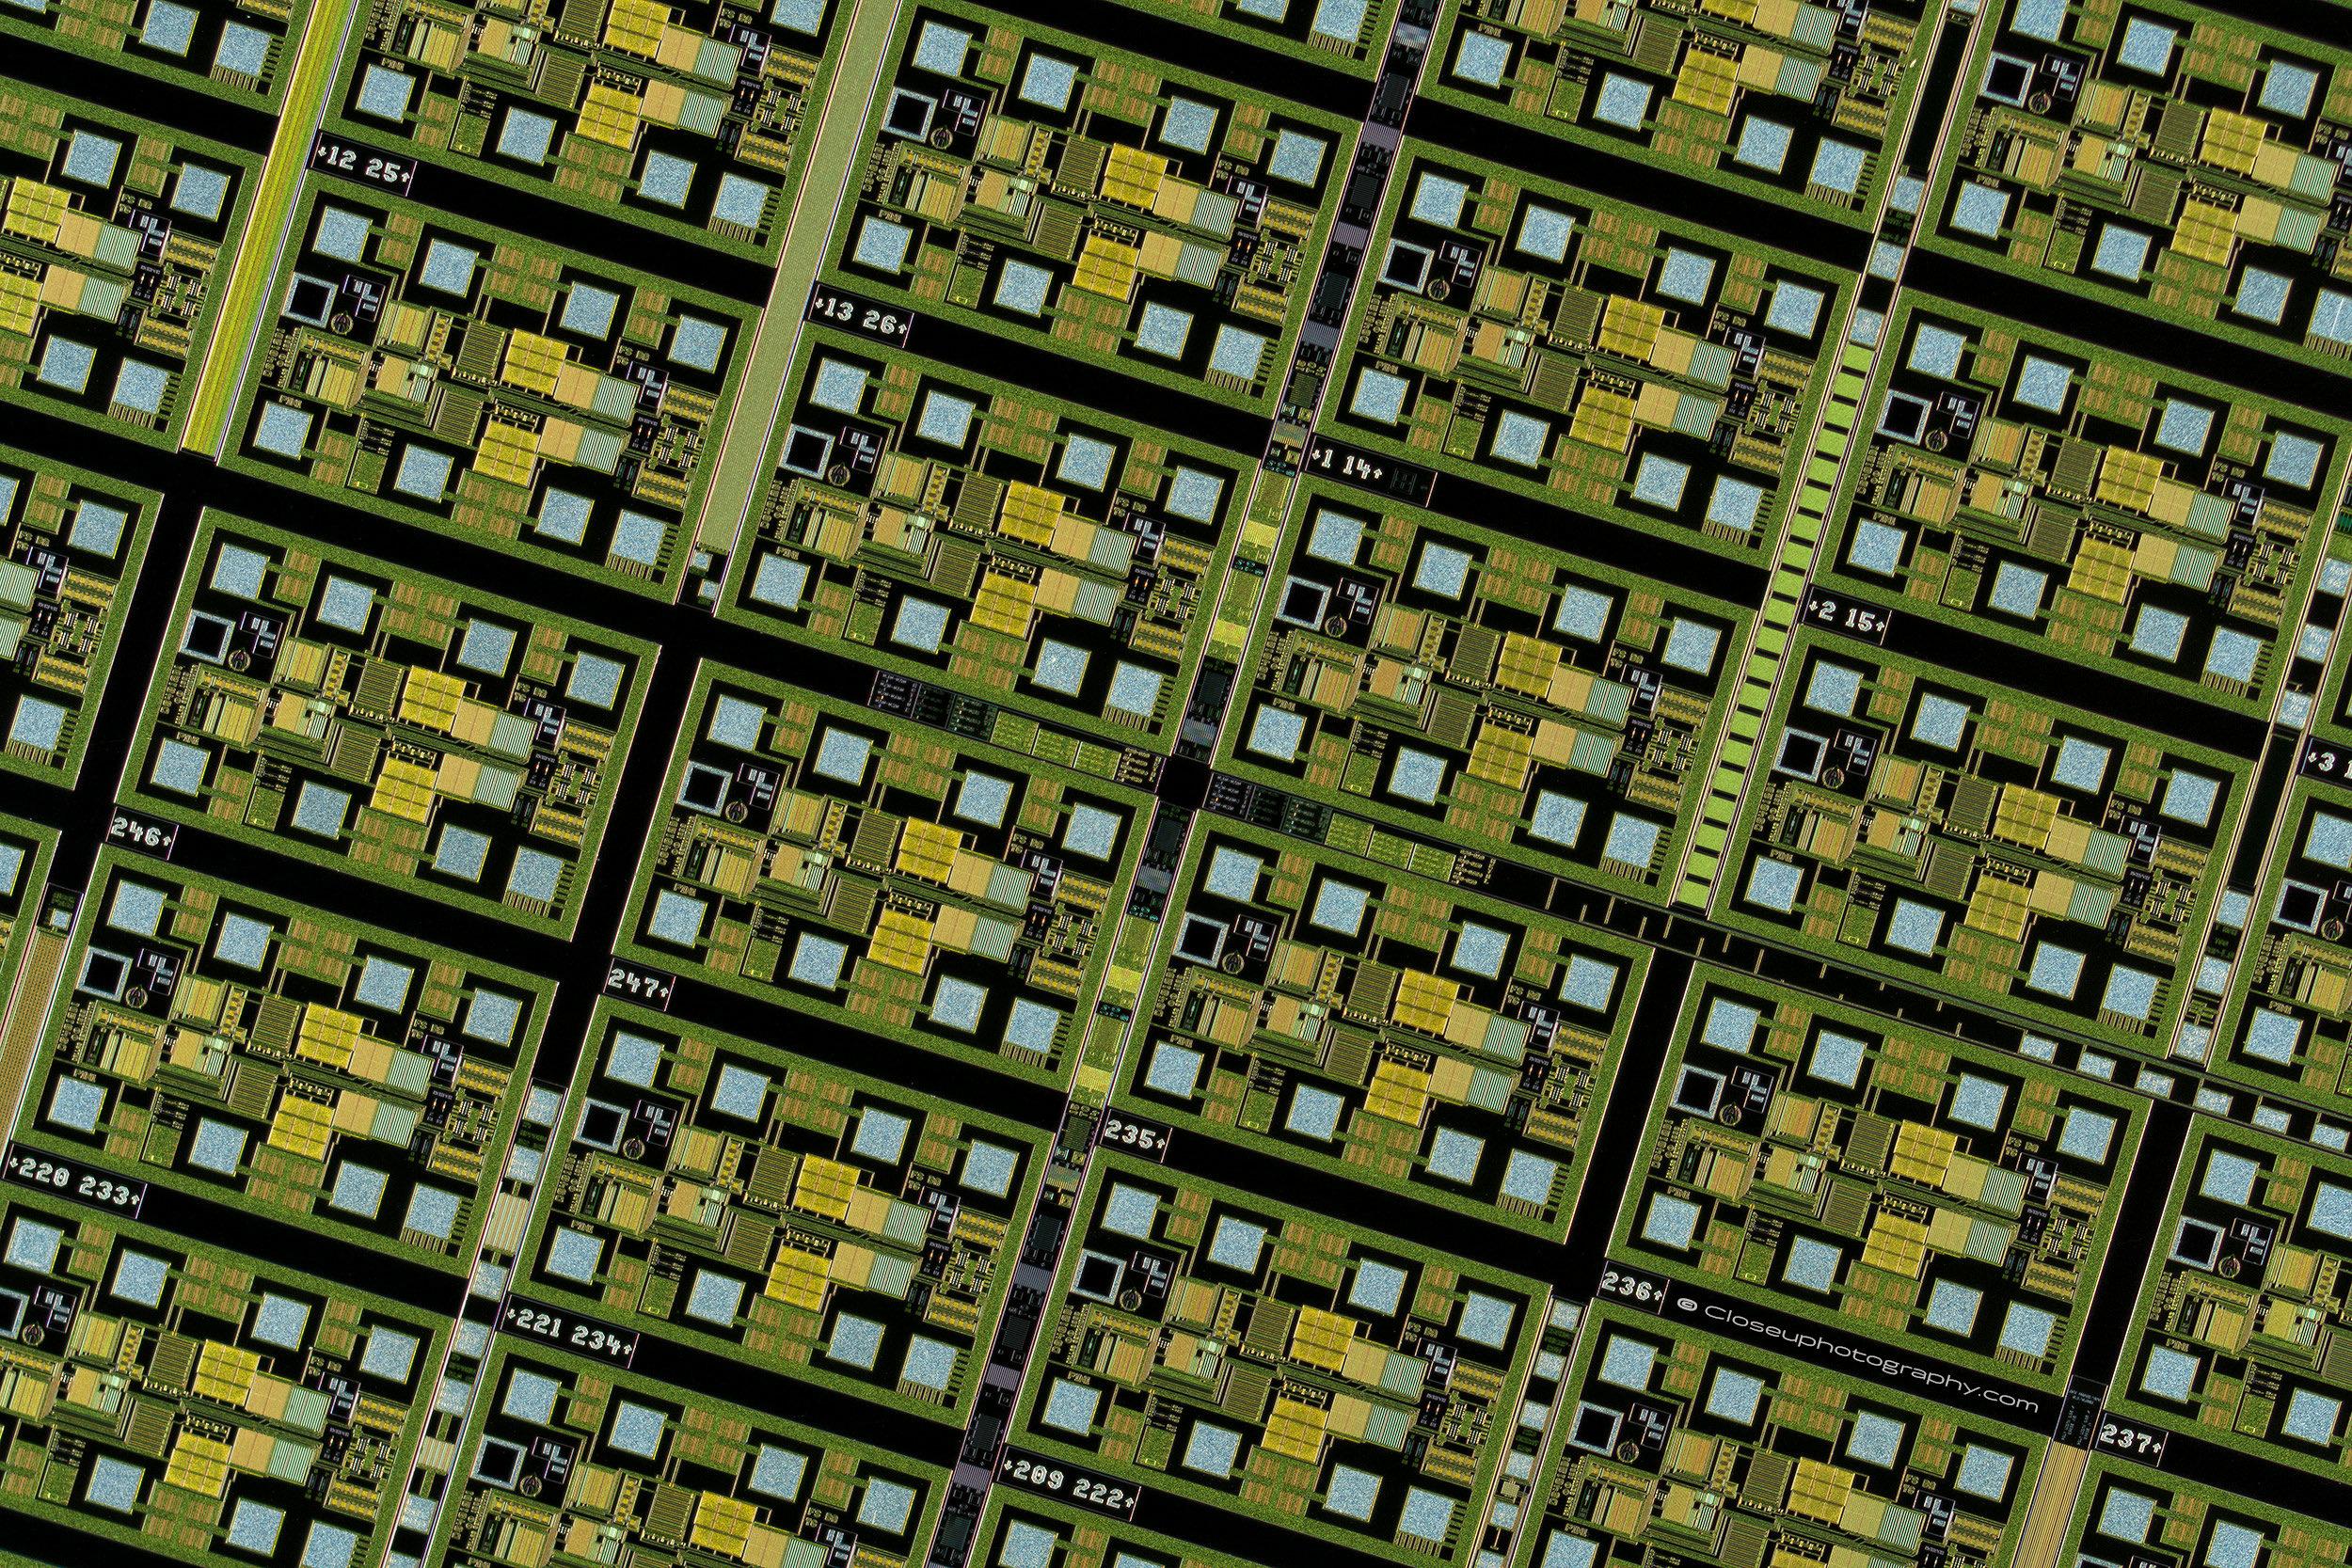 2500-pixels-Copal-E18C-lens-at-3.4x-www-Closeuphotography-com.jpg